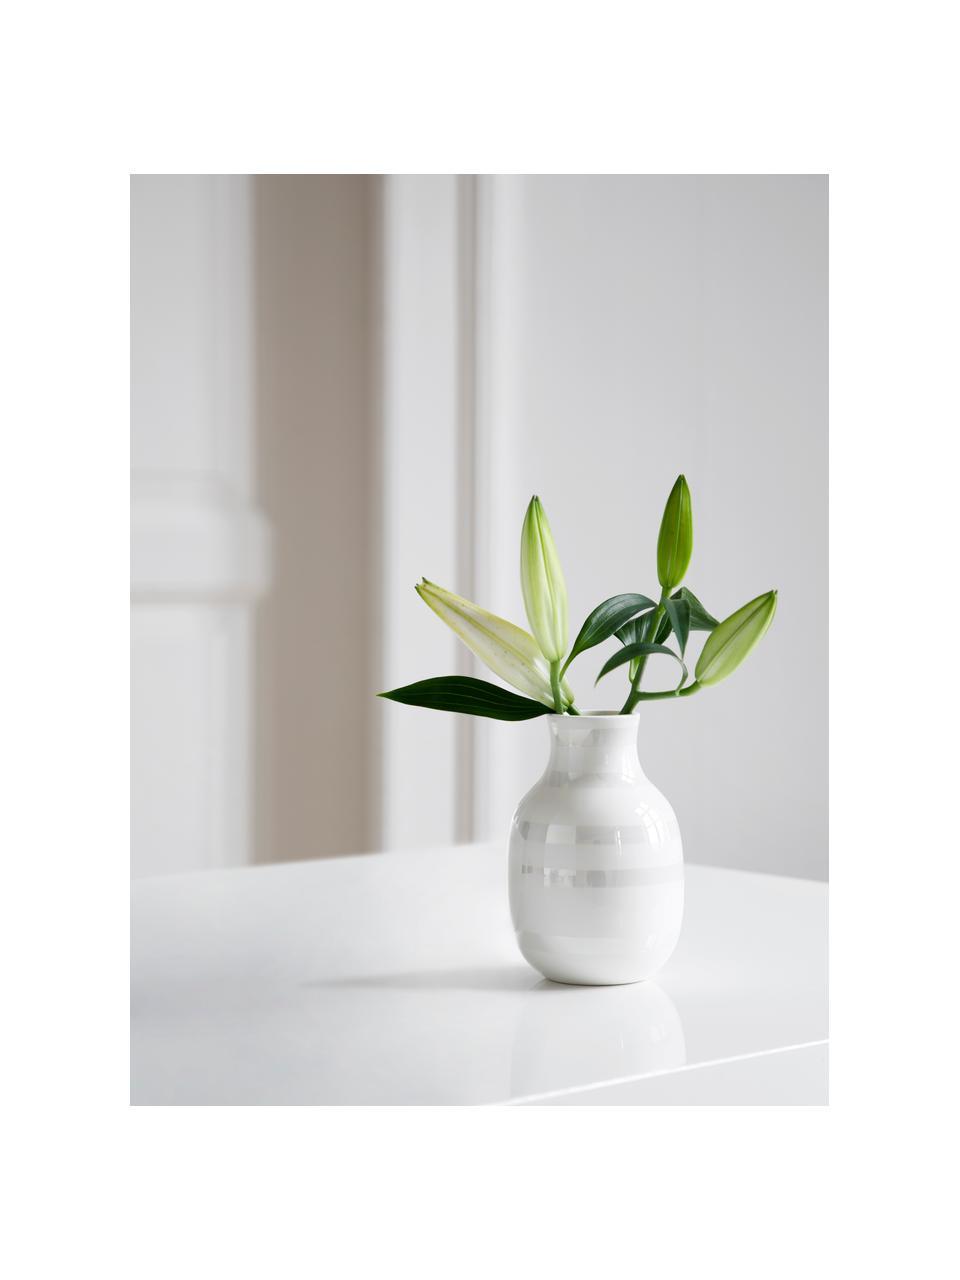 Petit vase design fait main Omaggio, Blanc, nacré